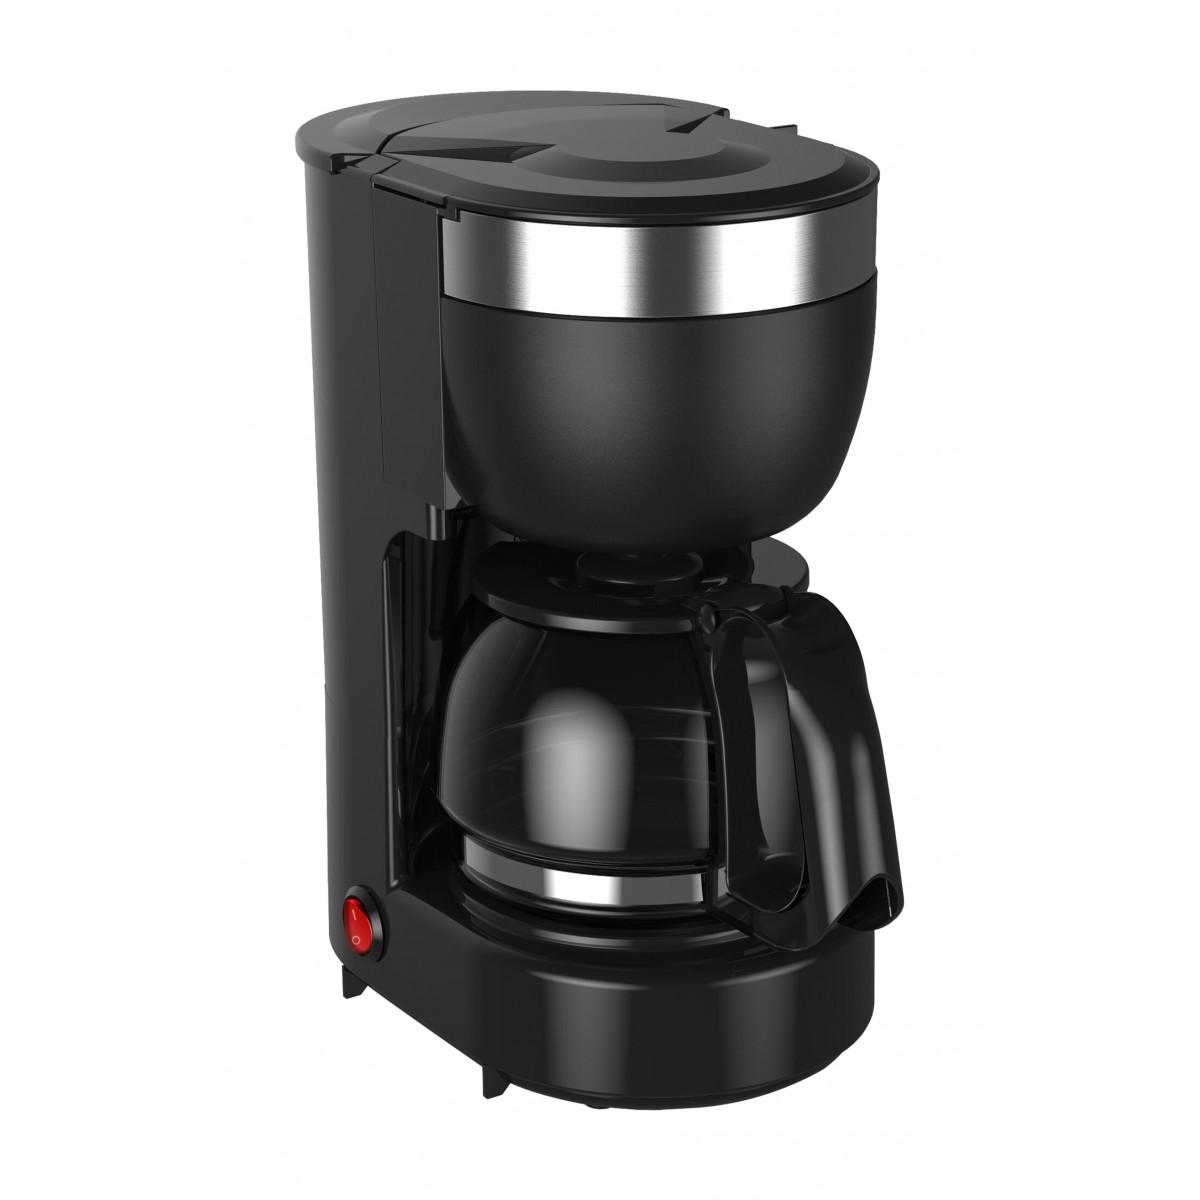 محضرة قهوة كهربائية ميني من جانو 0.65 لتر بقوة 600 واط موديل E03416